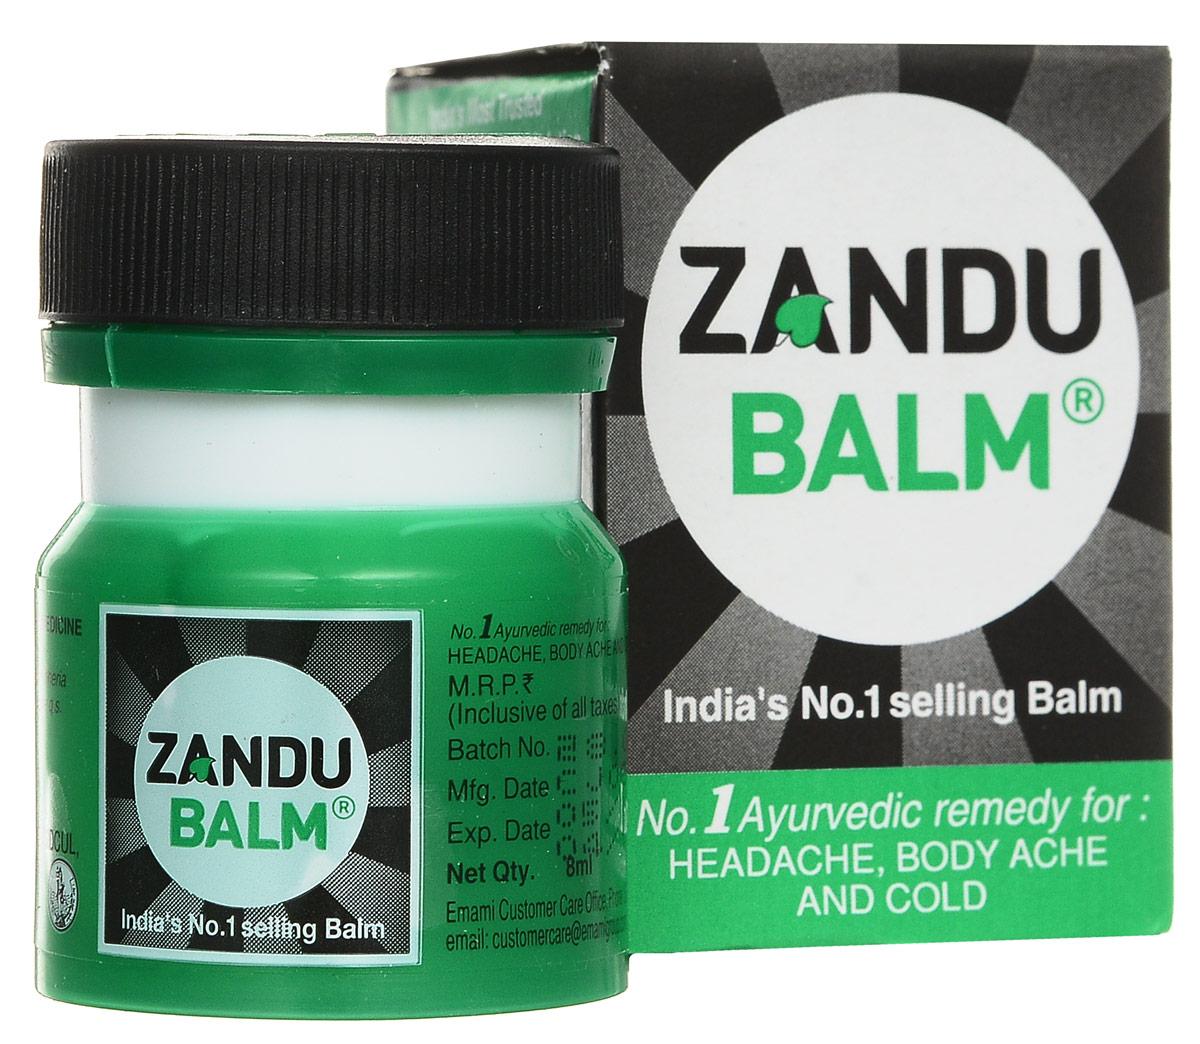 Zandu бальзам, 9 мл701105Почти мгновенно снимает головную боль, а также боли при растяжении, ушибе, ревматизме.